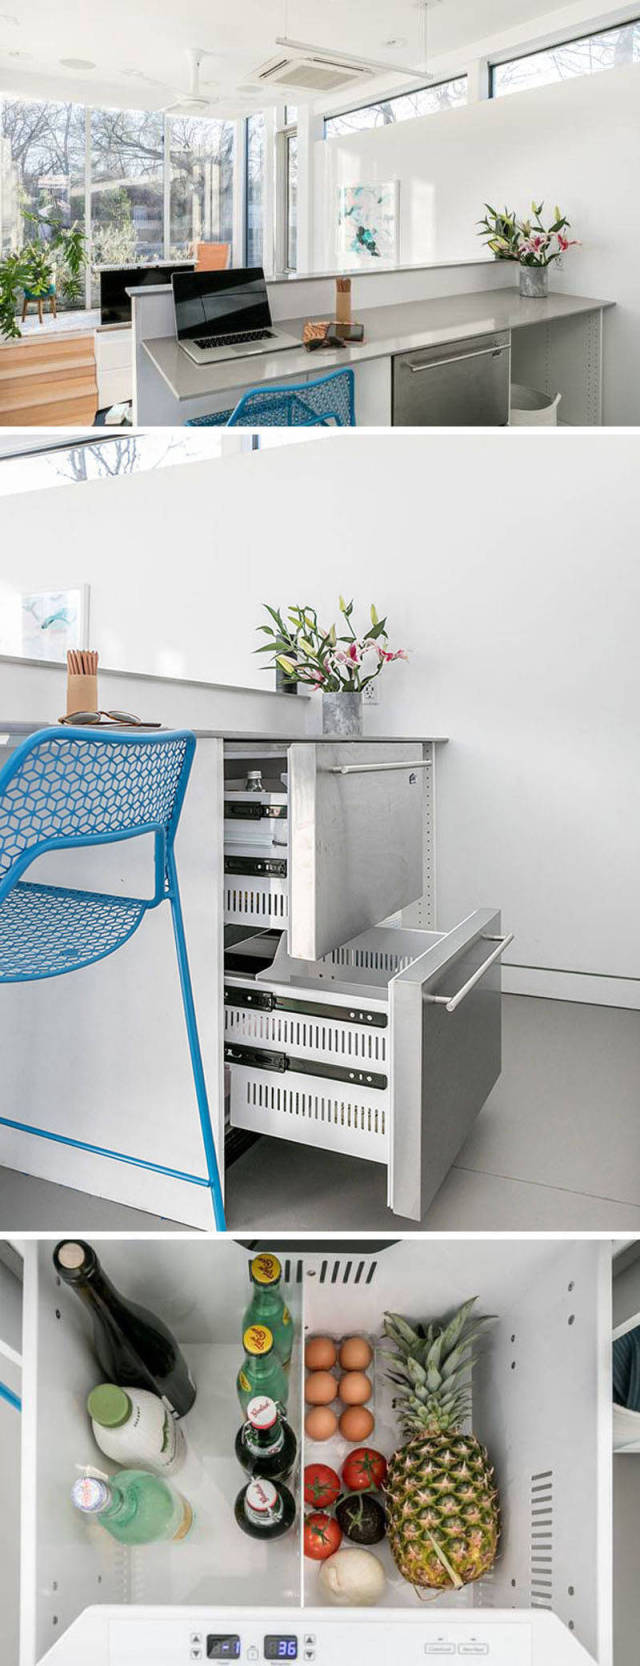 Компактный дом, в котором есть все, что нужно для комфортной жизни (10 фото)